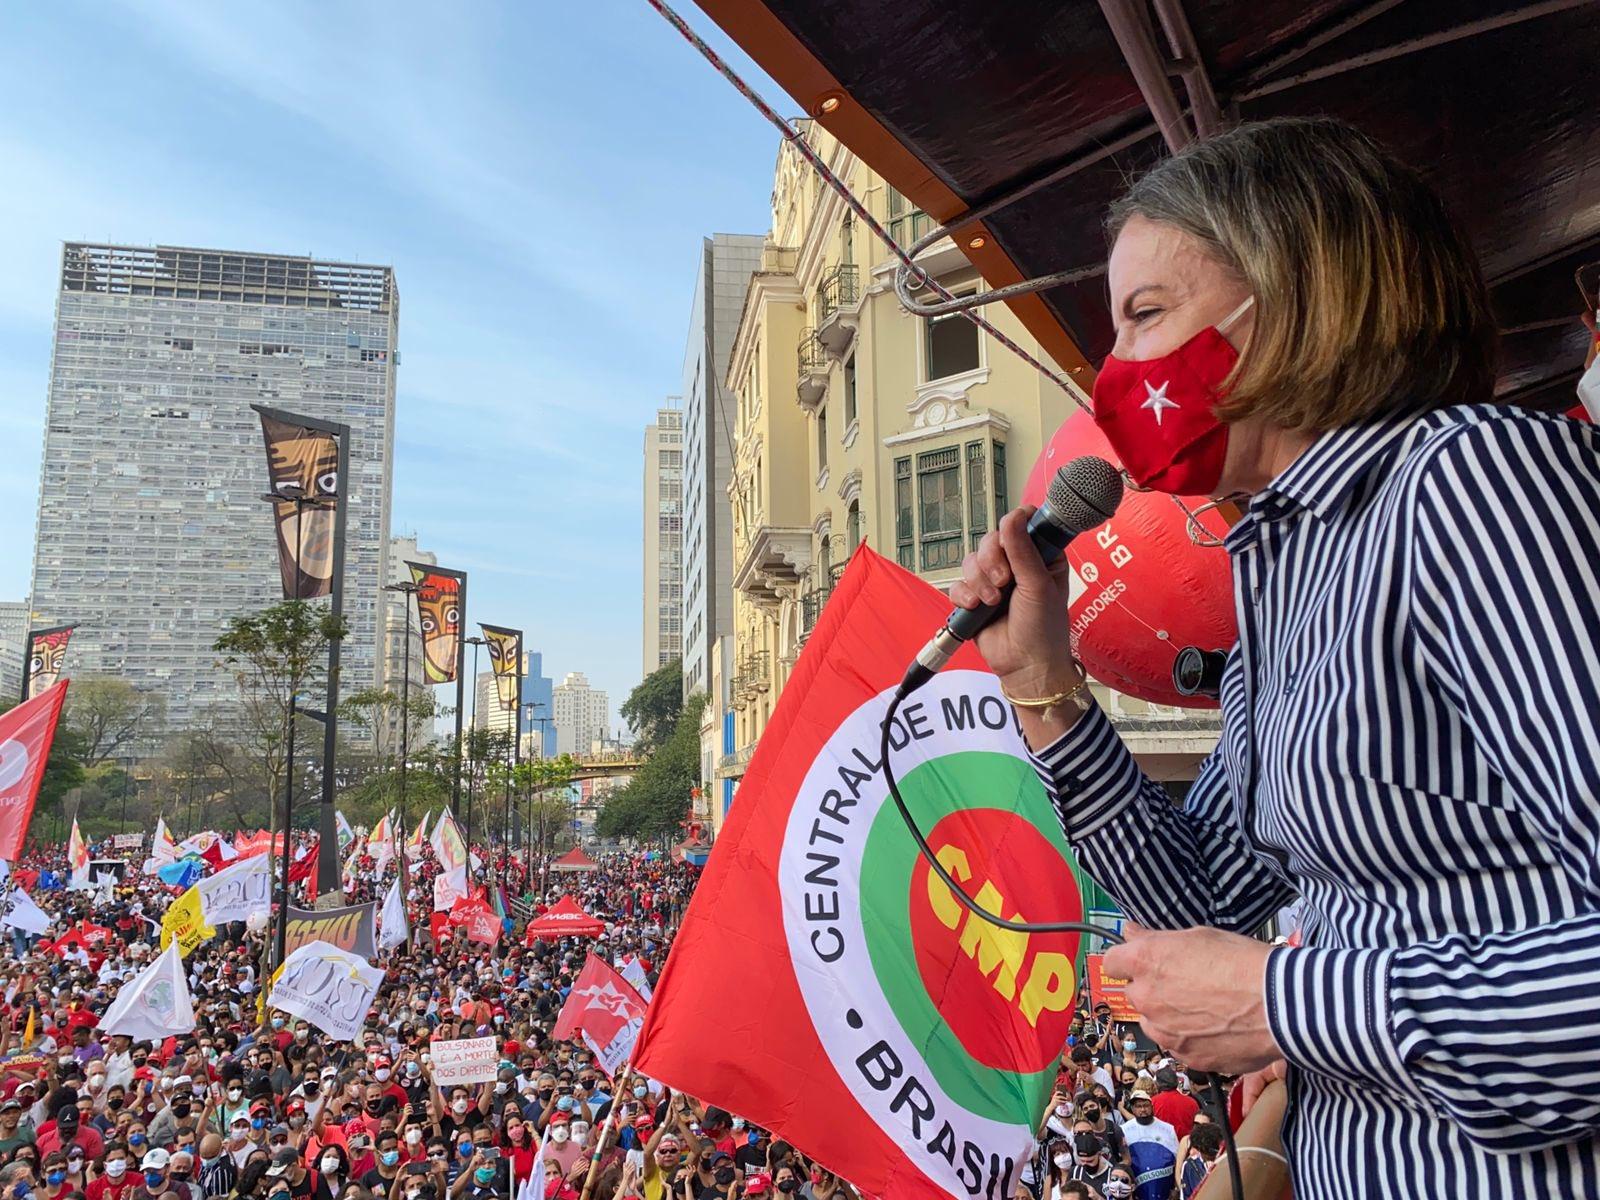 Gleisi Hoffmann no Grito dos Excluídos, em São Paulo